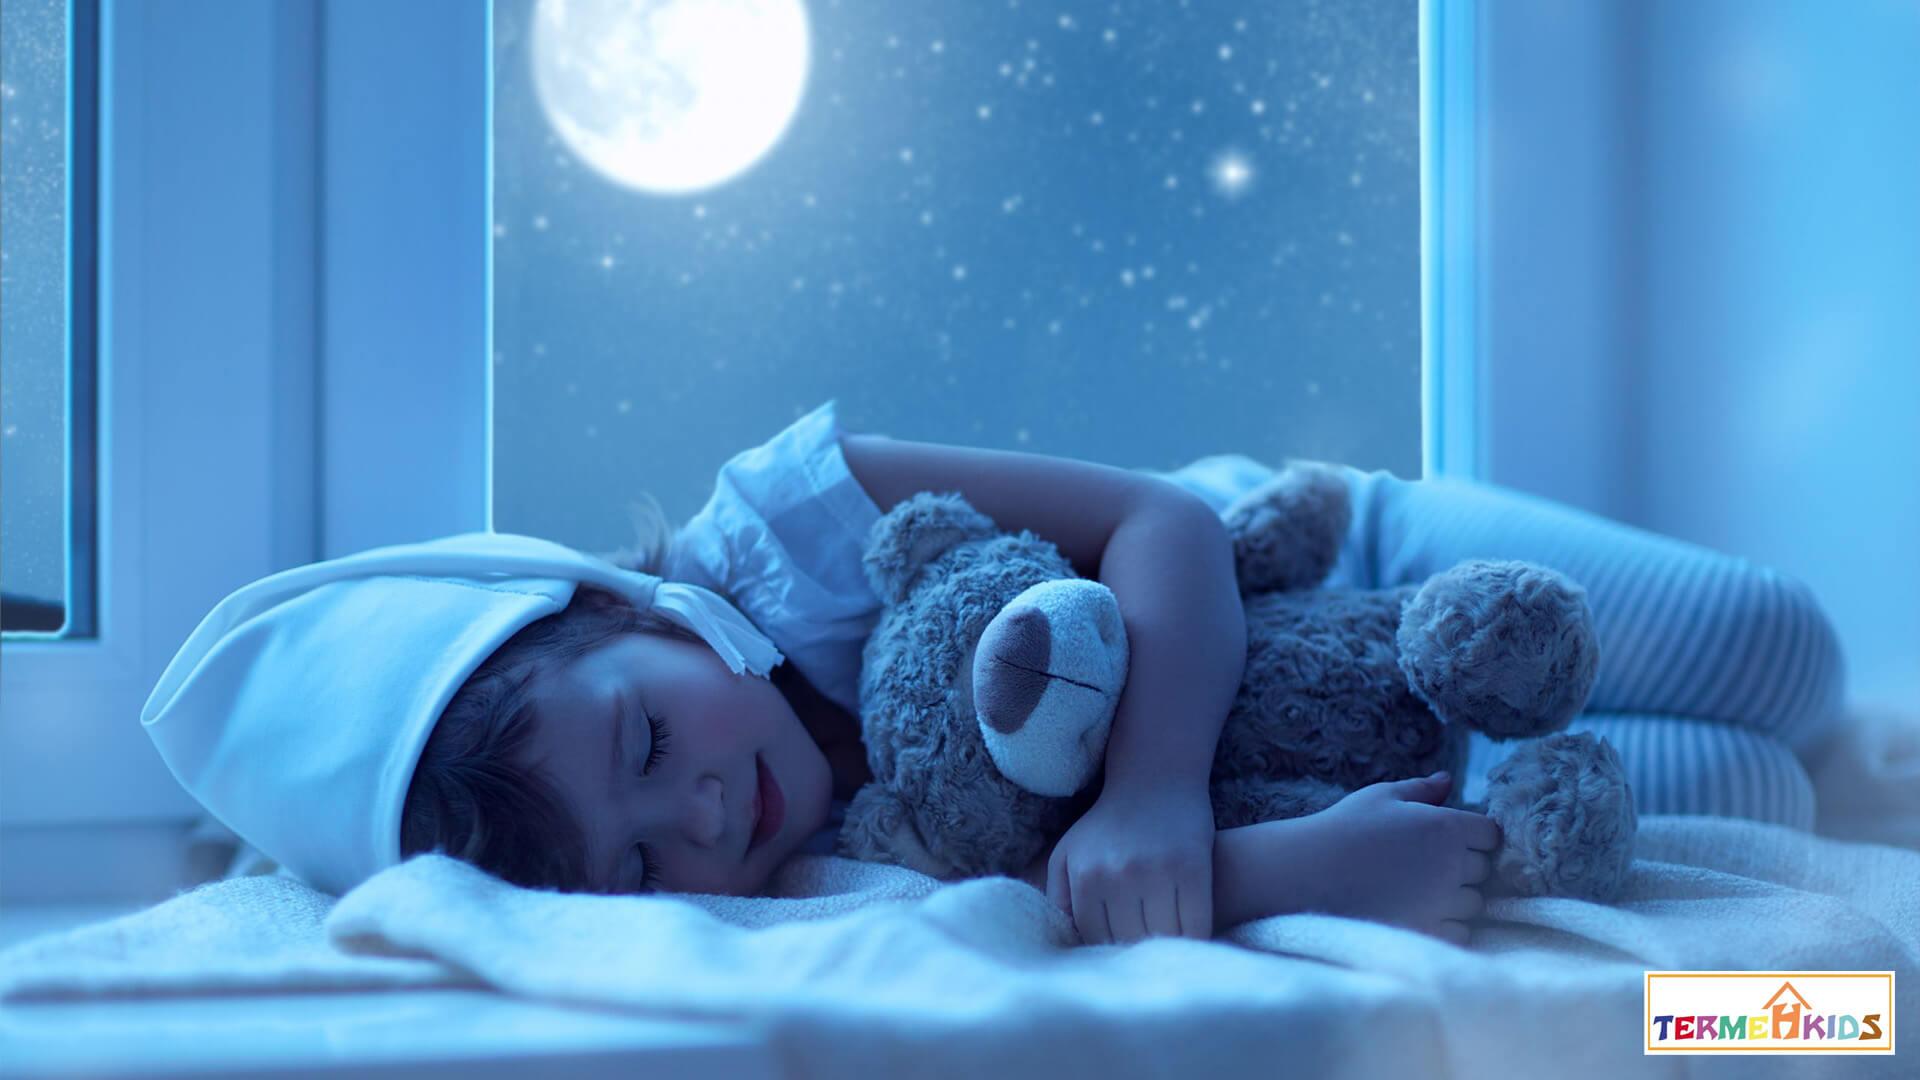 ترس از تاریکی در کودکان و درمان آن